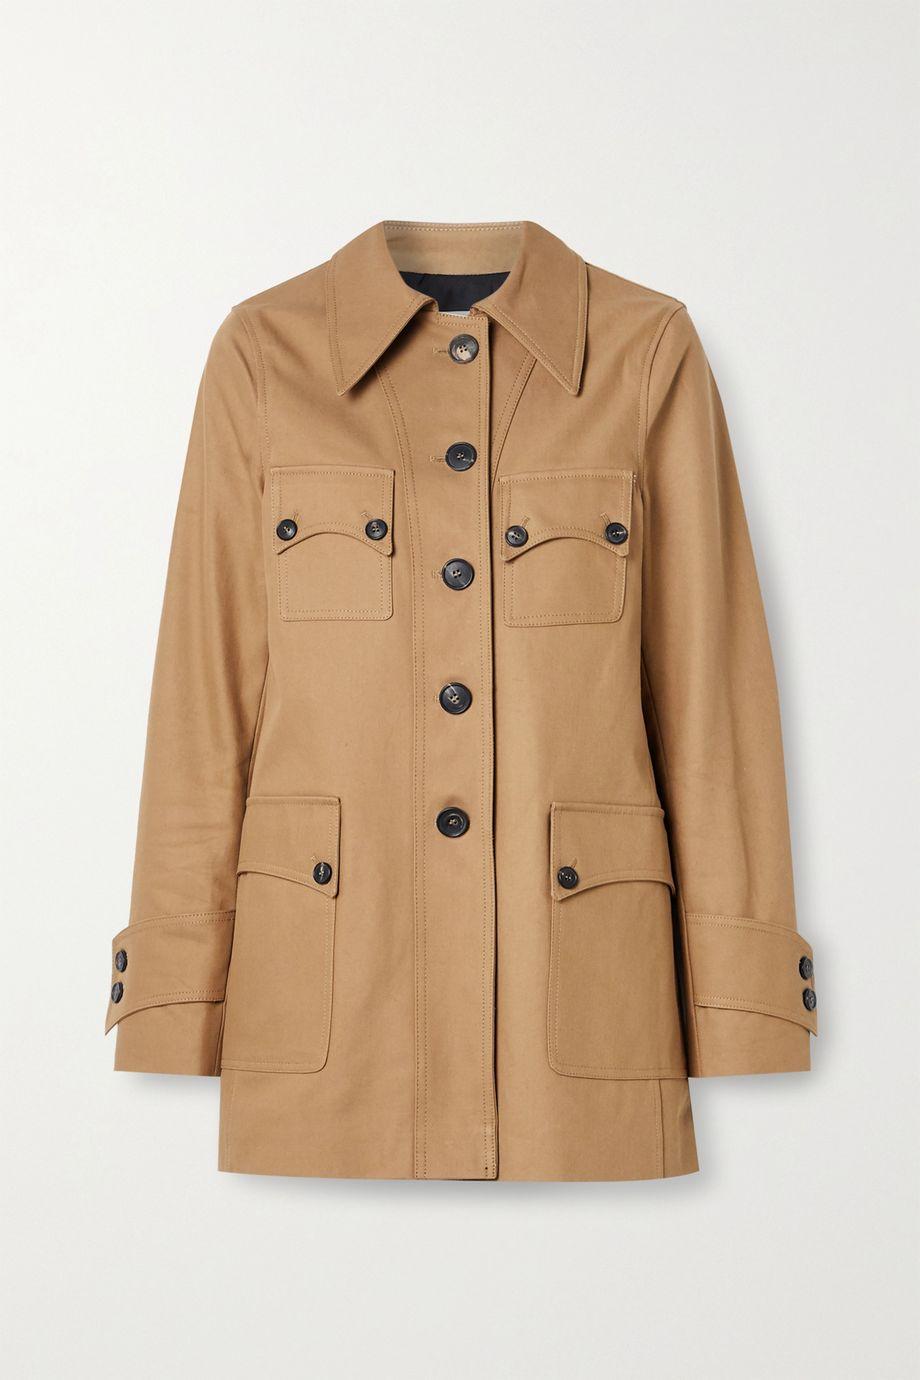 Victoria Beckham Cotton-drill jacket